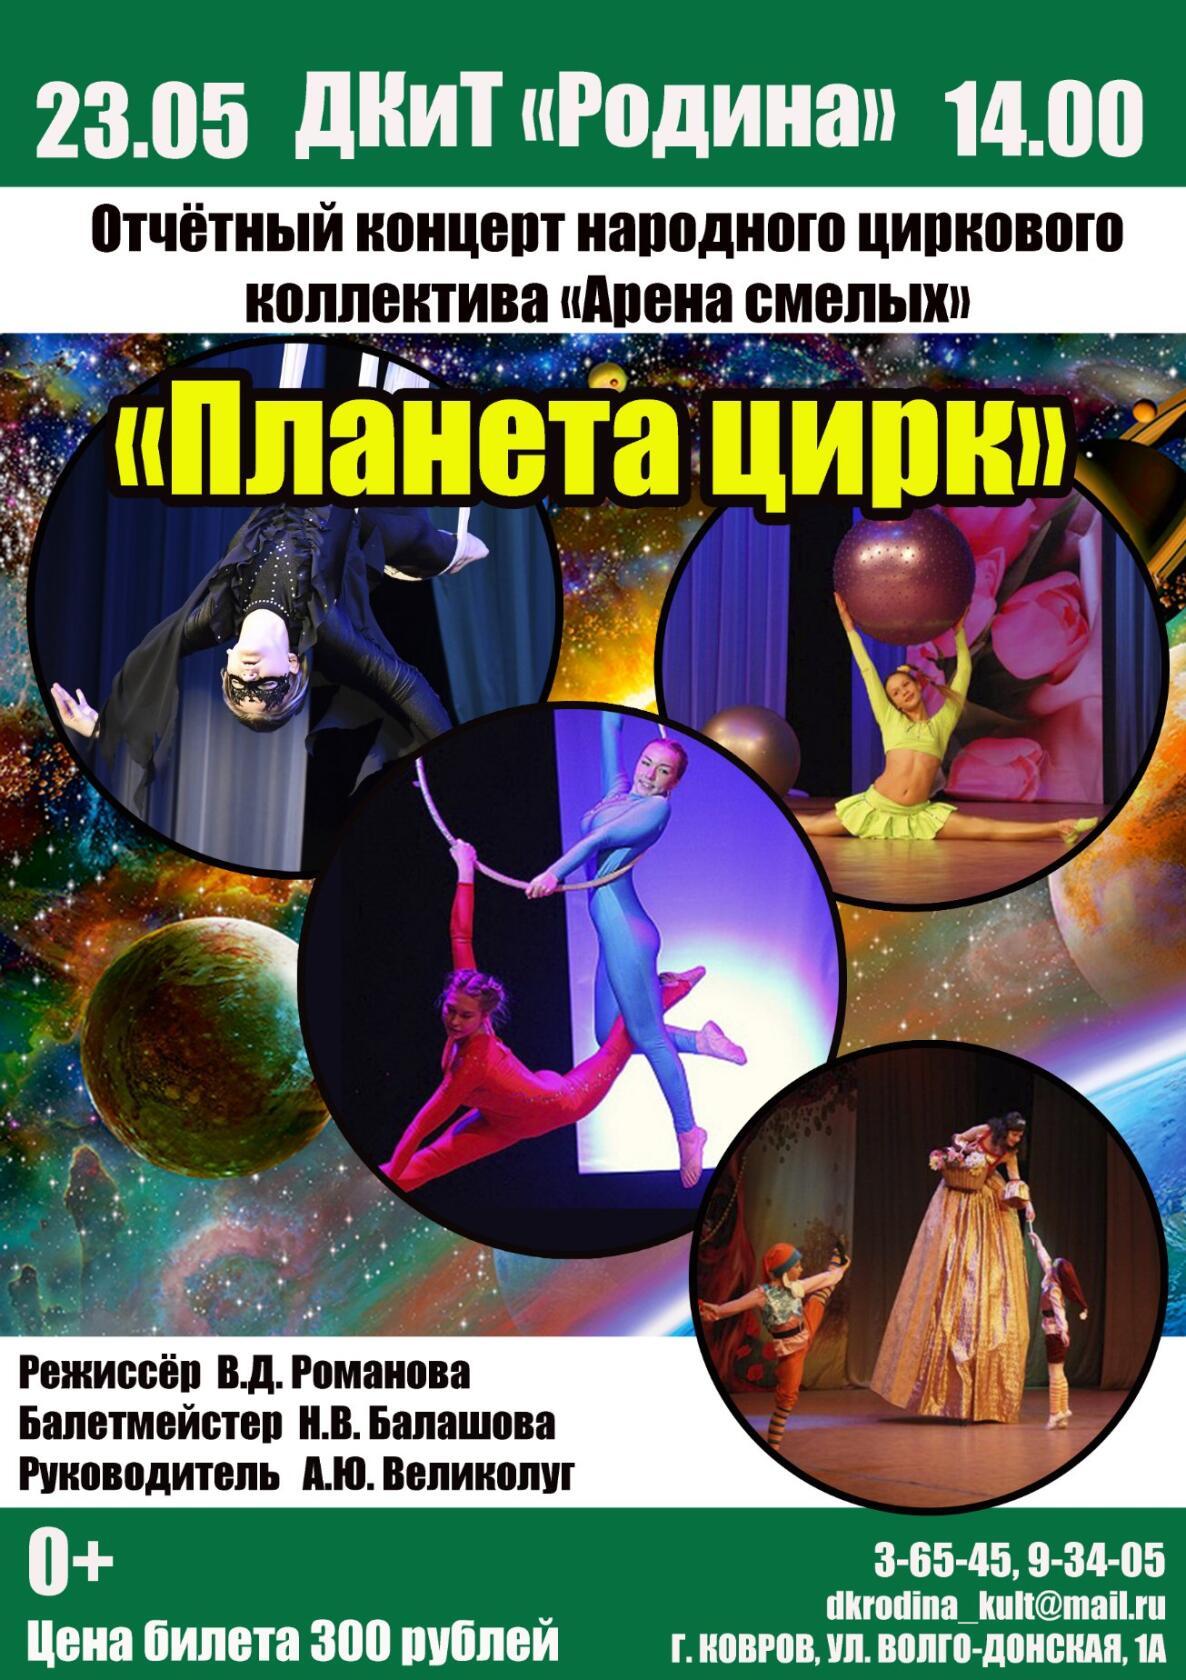 Отчетный концерт Отчетный концерт Народного циркового коллектива «Арена смелых» – «Планета Цирк»